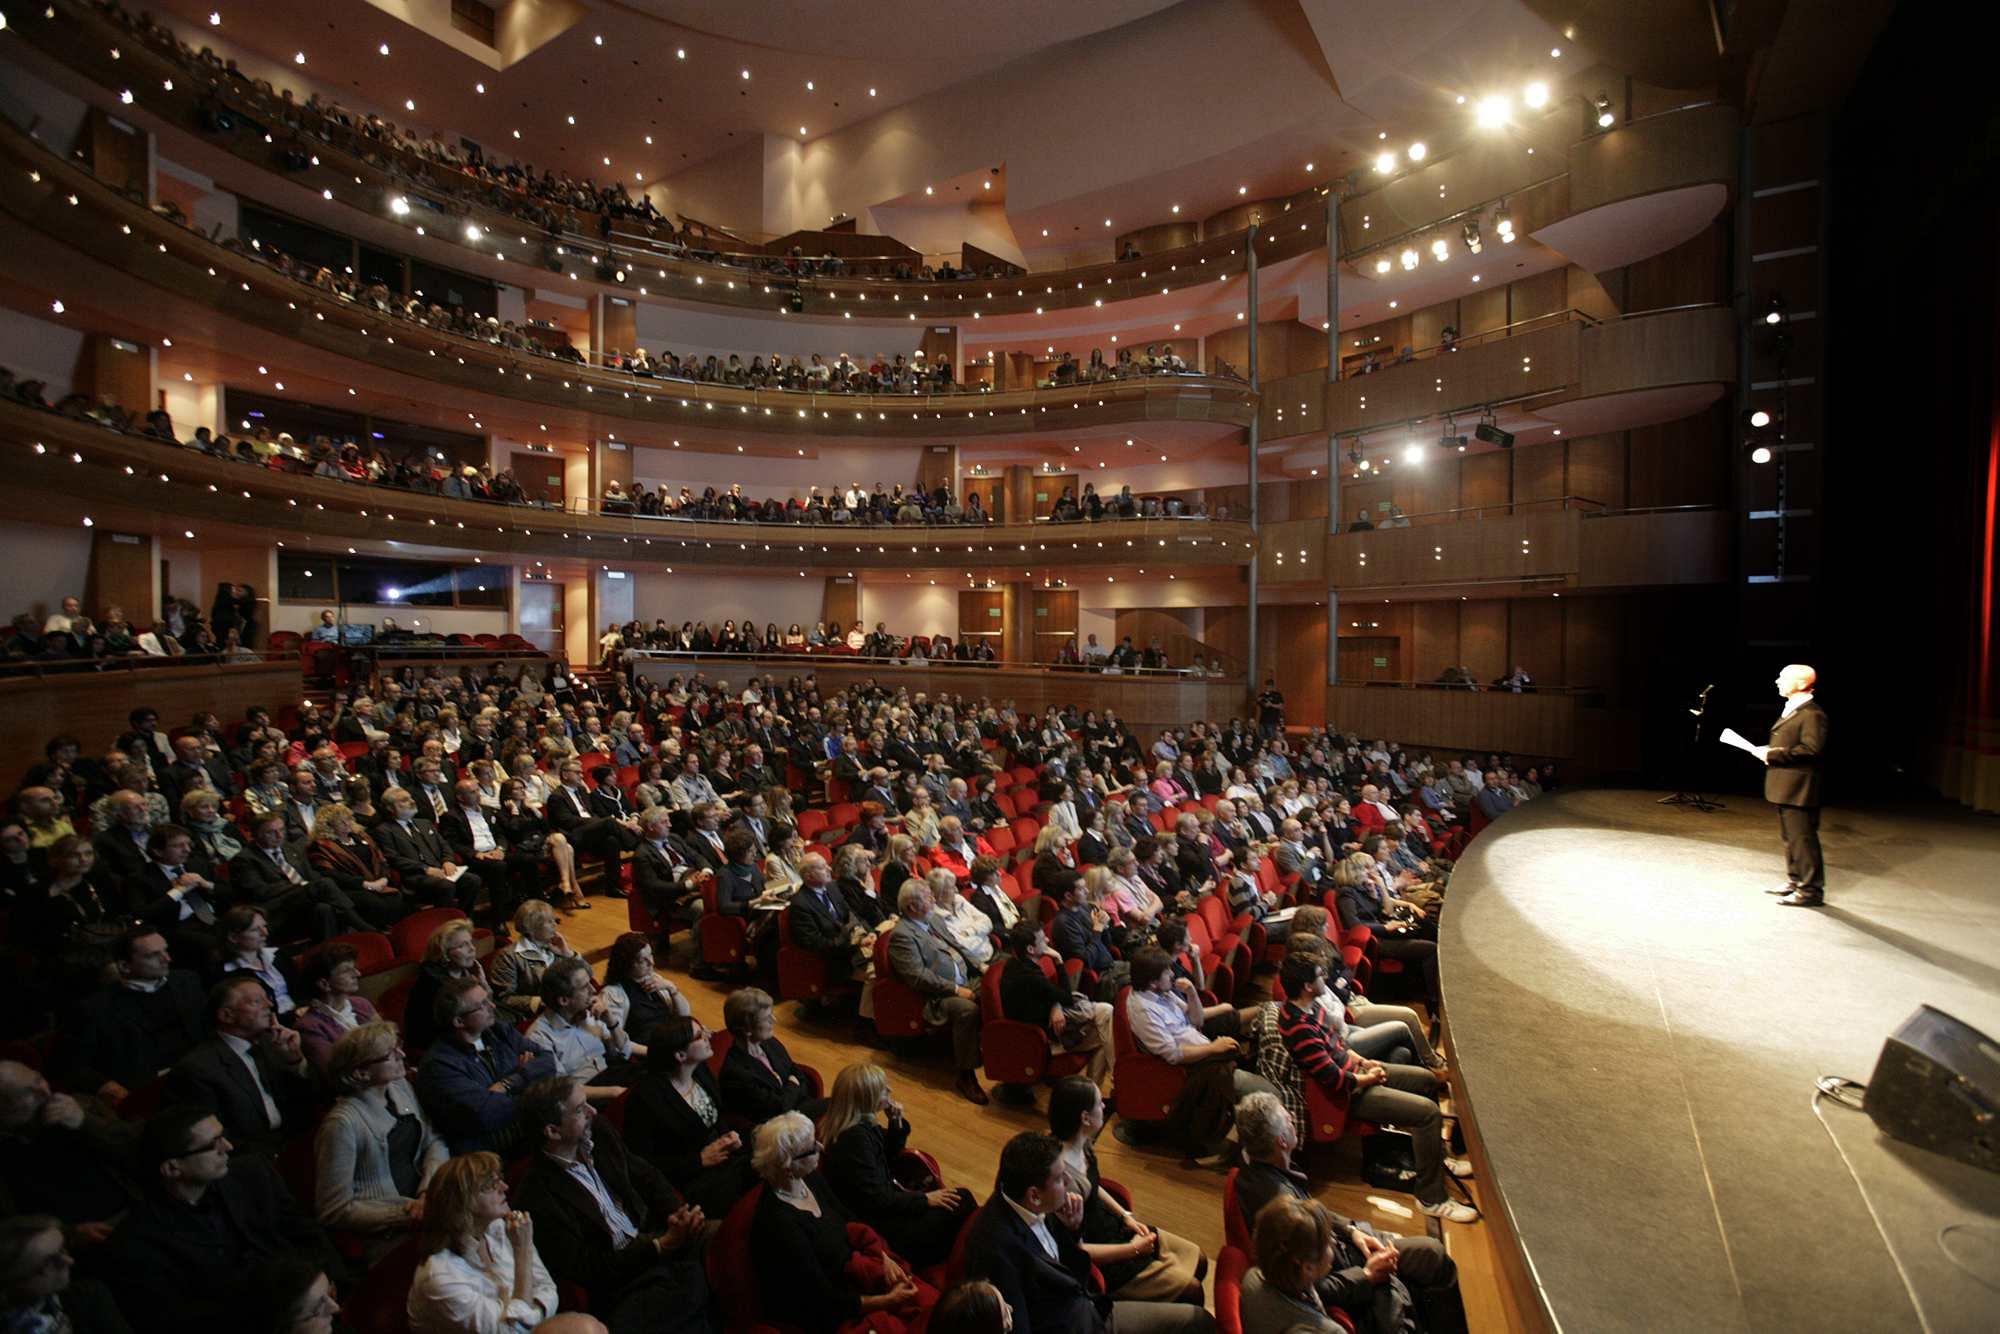 VL  Cerimonia di premiazione Ala al-Aswani